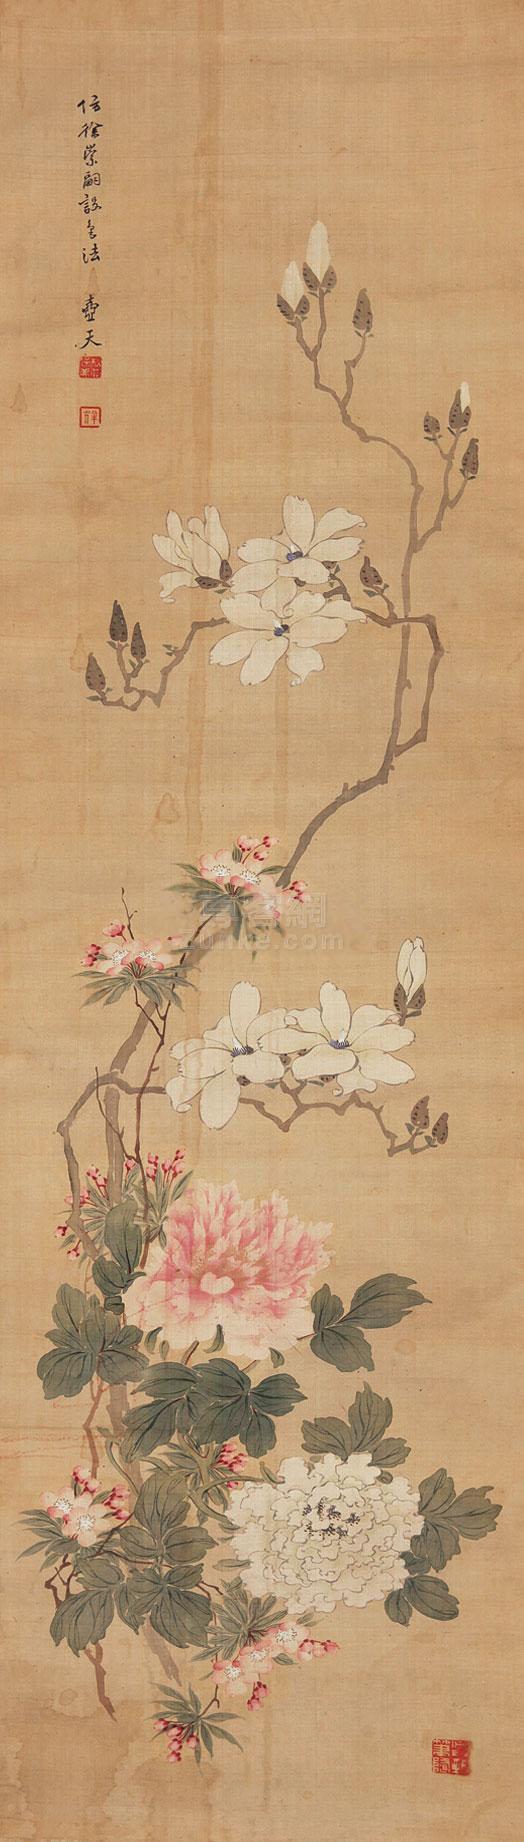 佚名 花卉 立轴 绢本作品欣赏